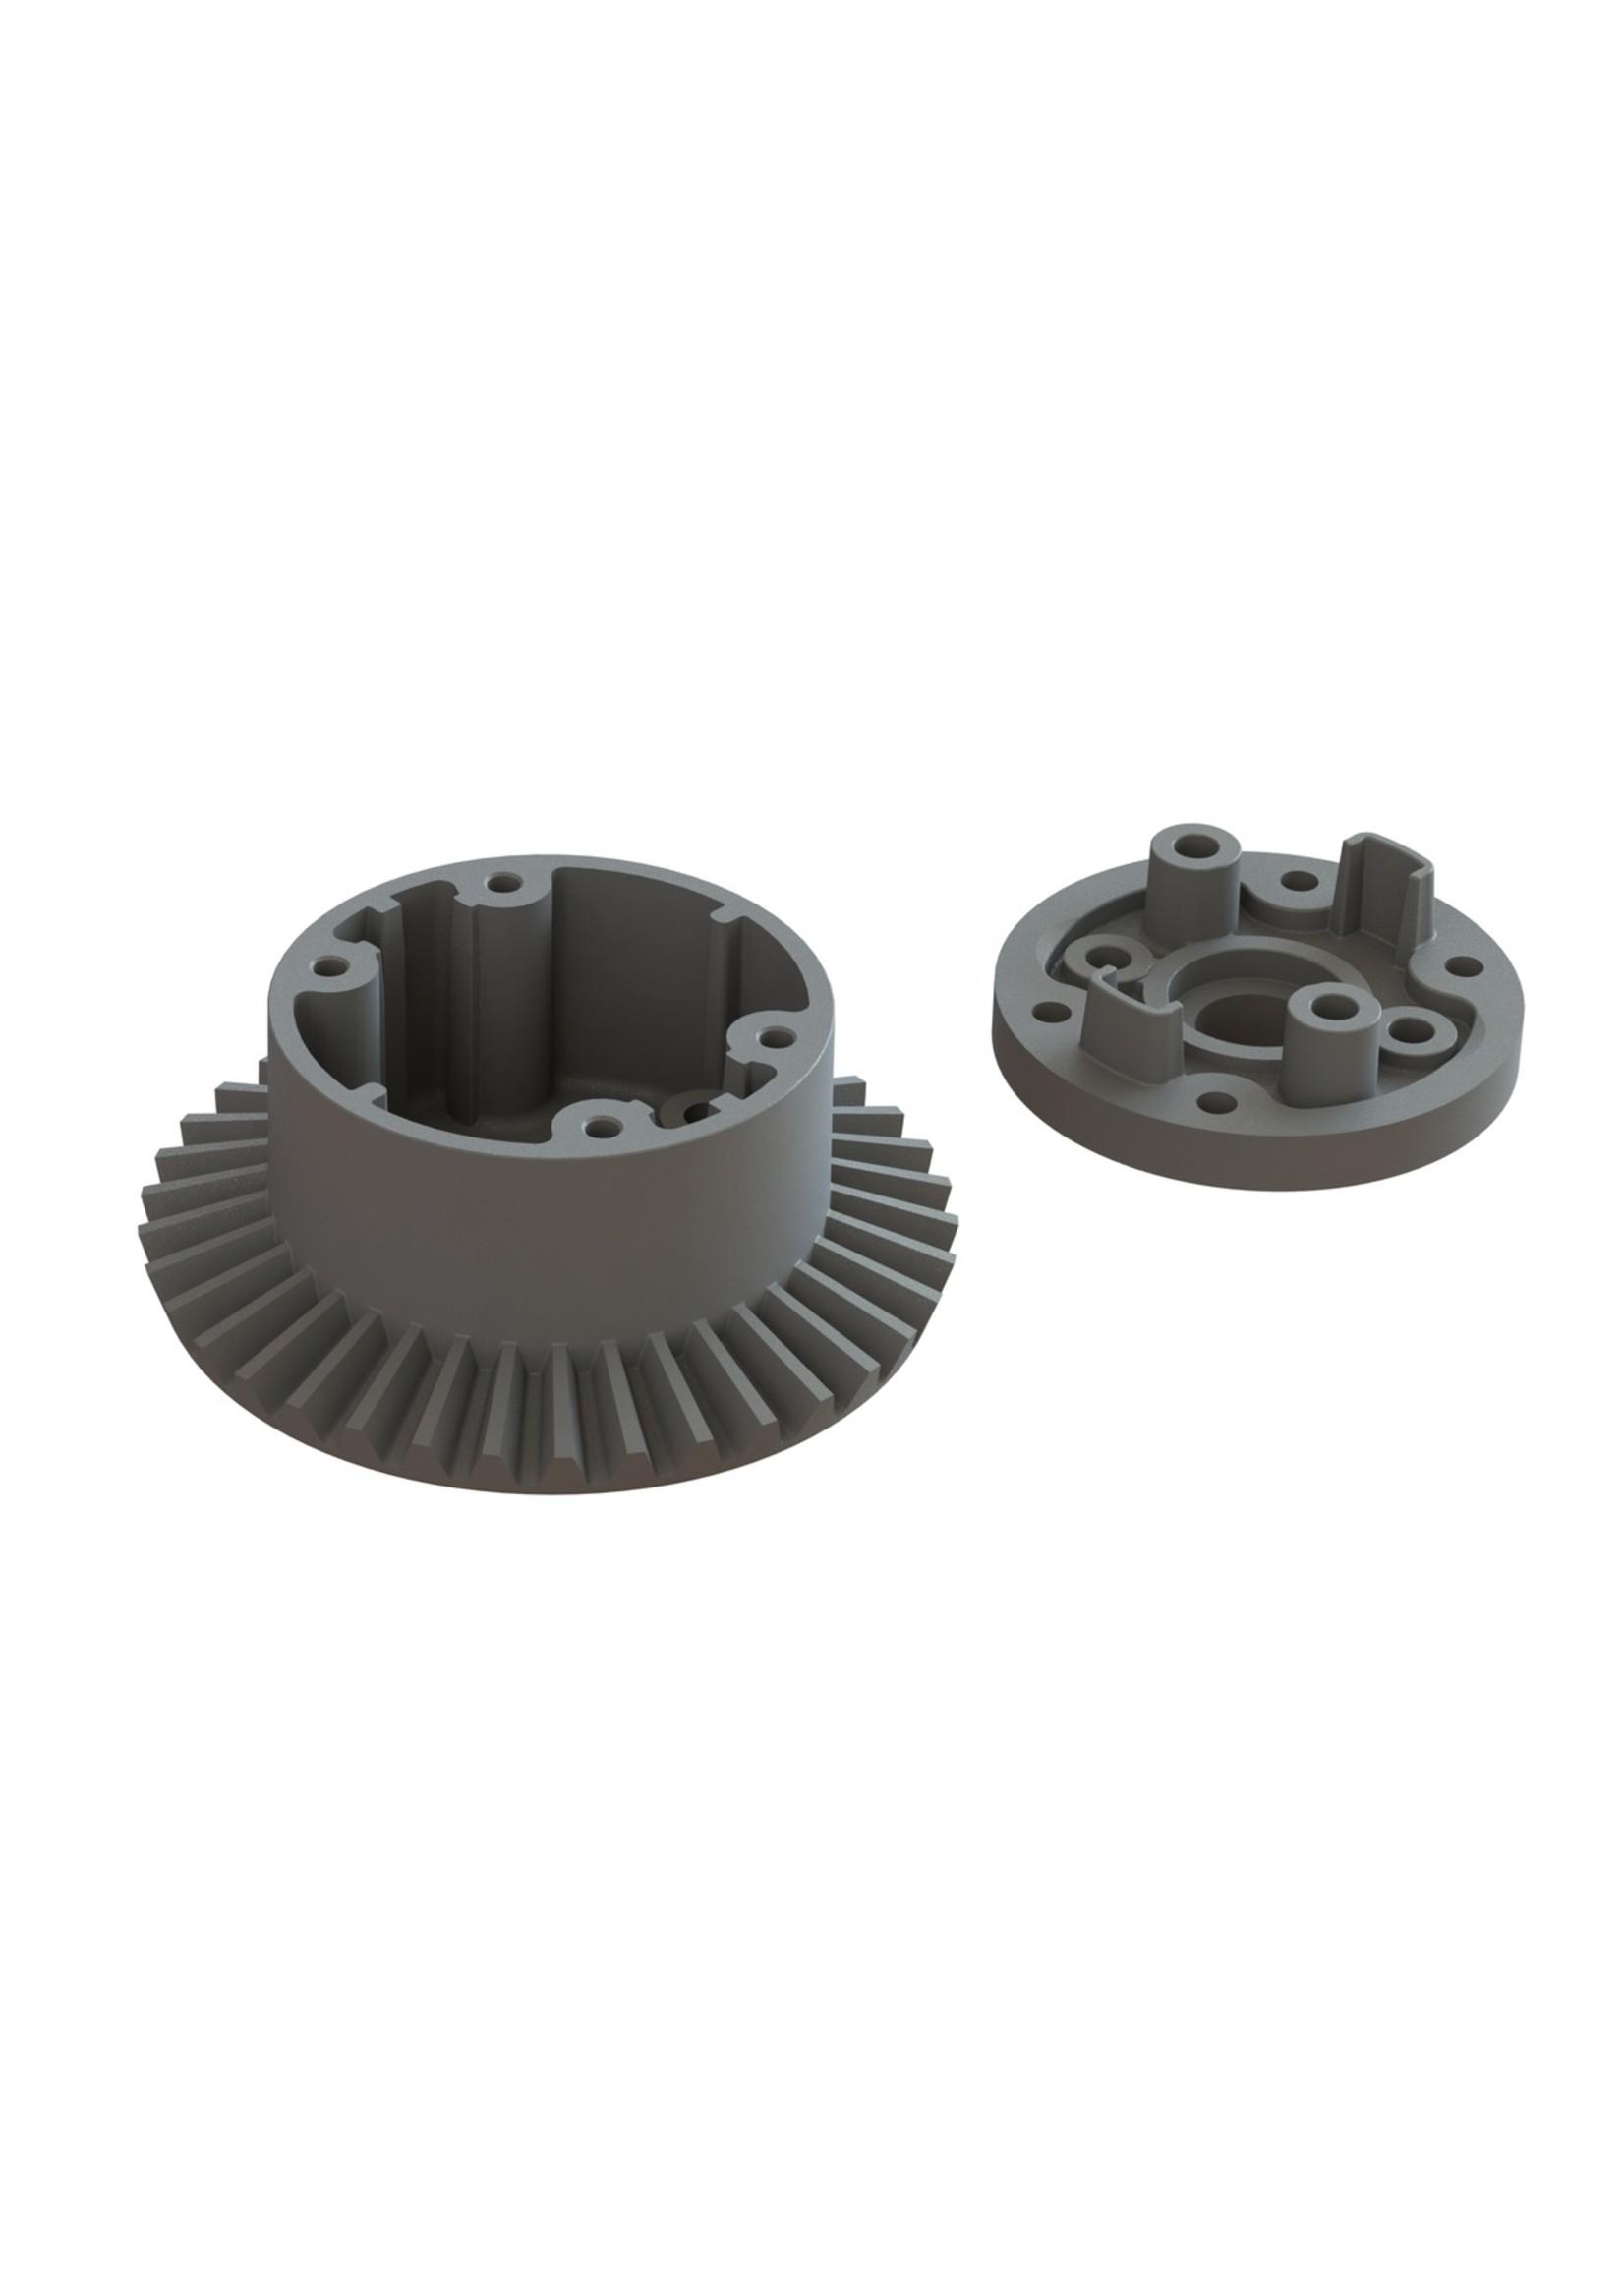 ARRMA AR310872 Arrma Diff Case Set 37T Main Gear BLX 3S